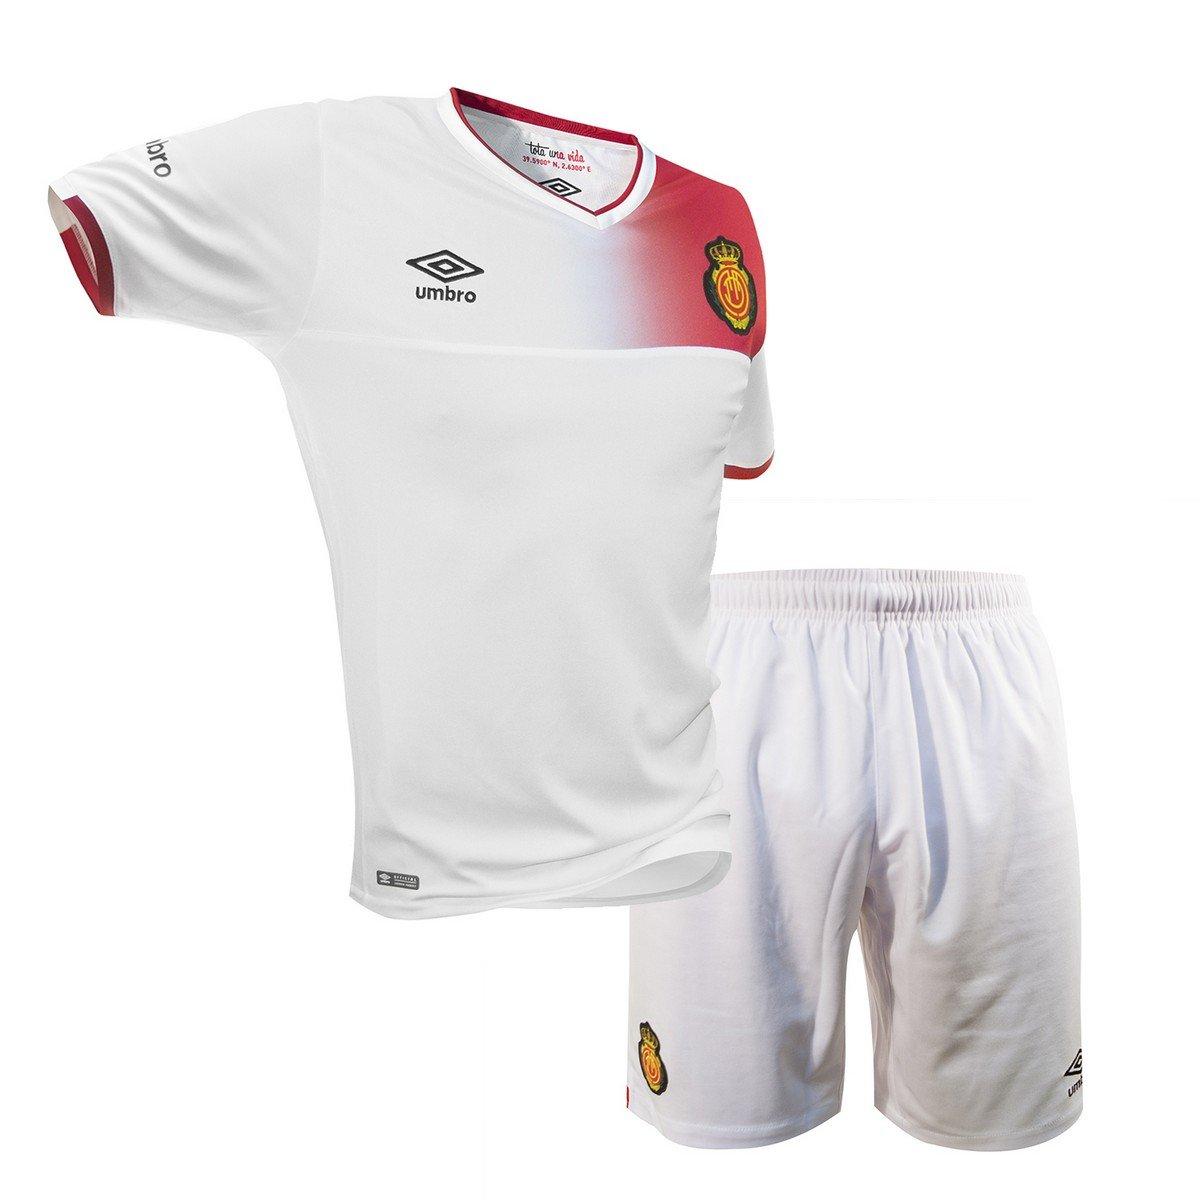 Umbro 1ª Equipación RCD Mallorca 2016/2017 - Conjunto de Camiseta y pantalón Oficial niños: Amazon.es: Deportes y aire libre